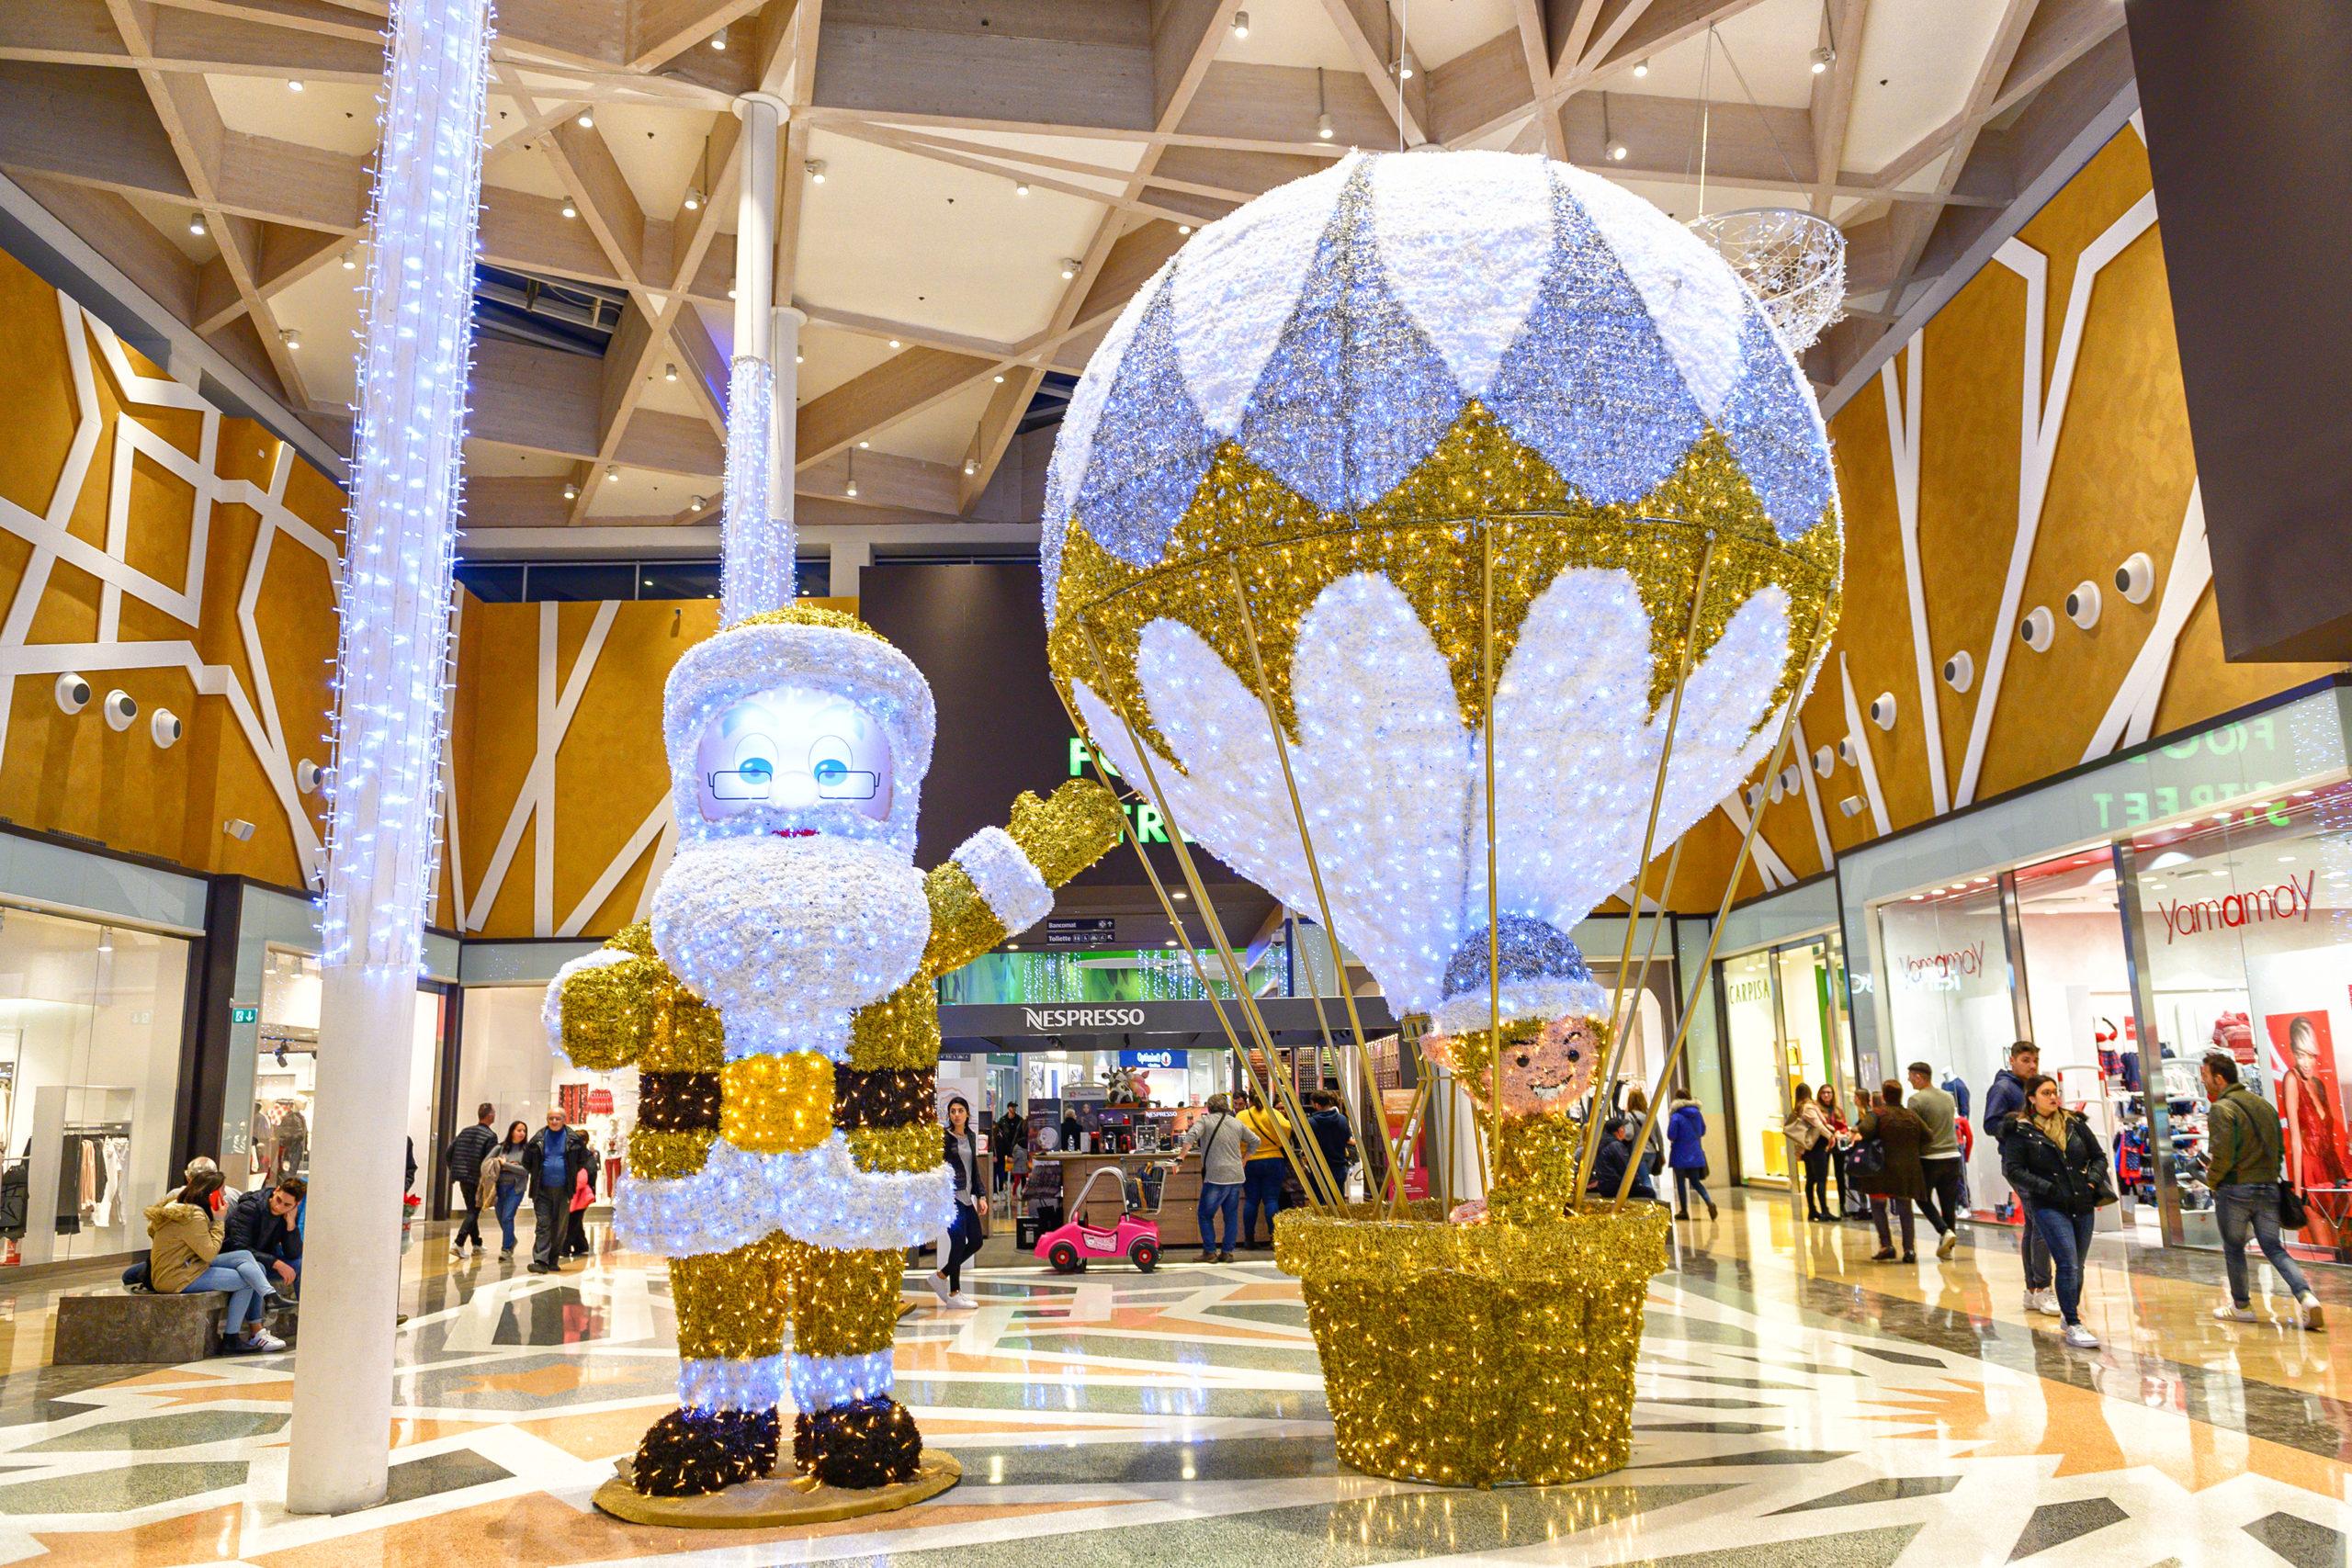 A Palermo shopping natalizio tra spettacoli itineranti e luminarie suggestive